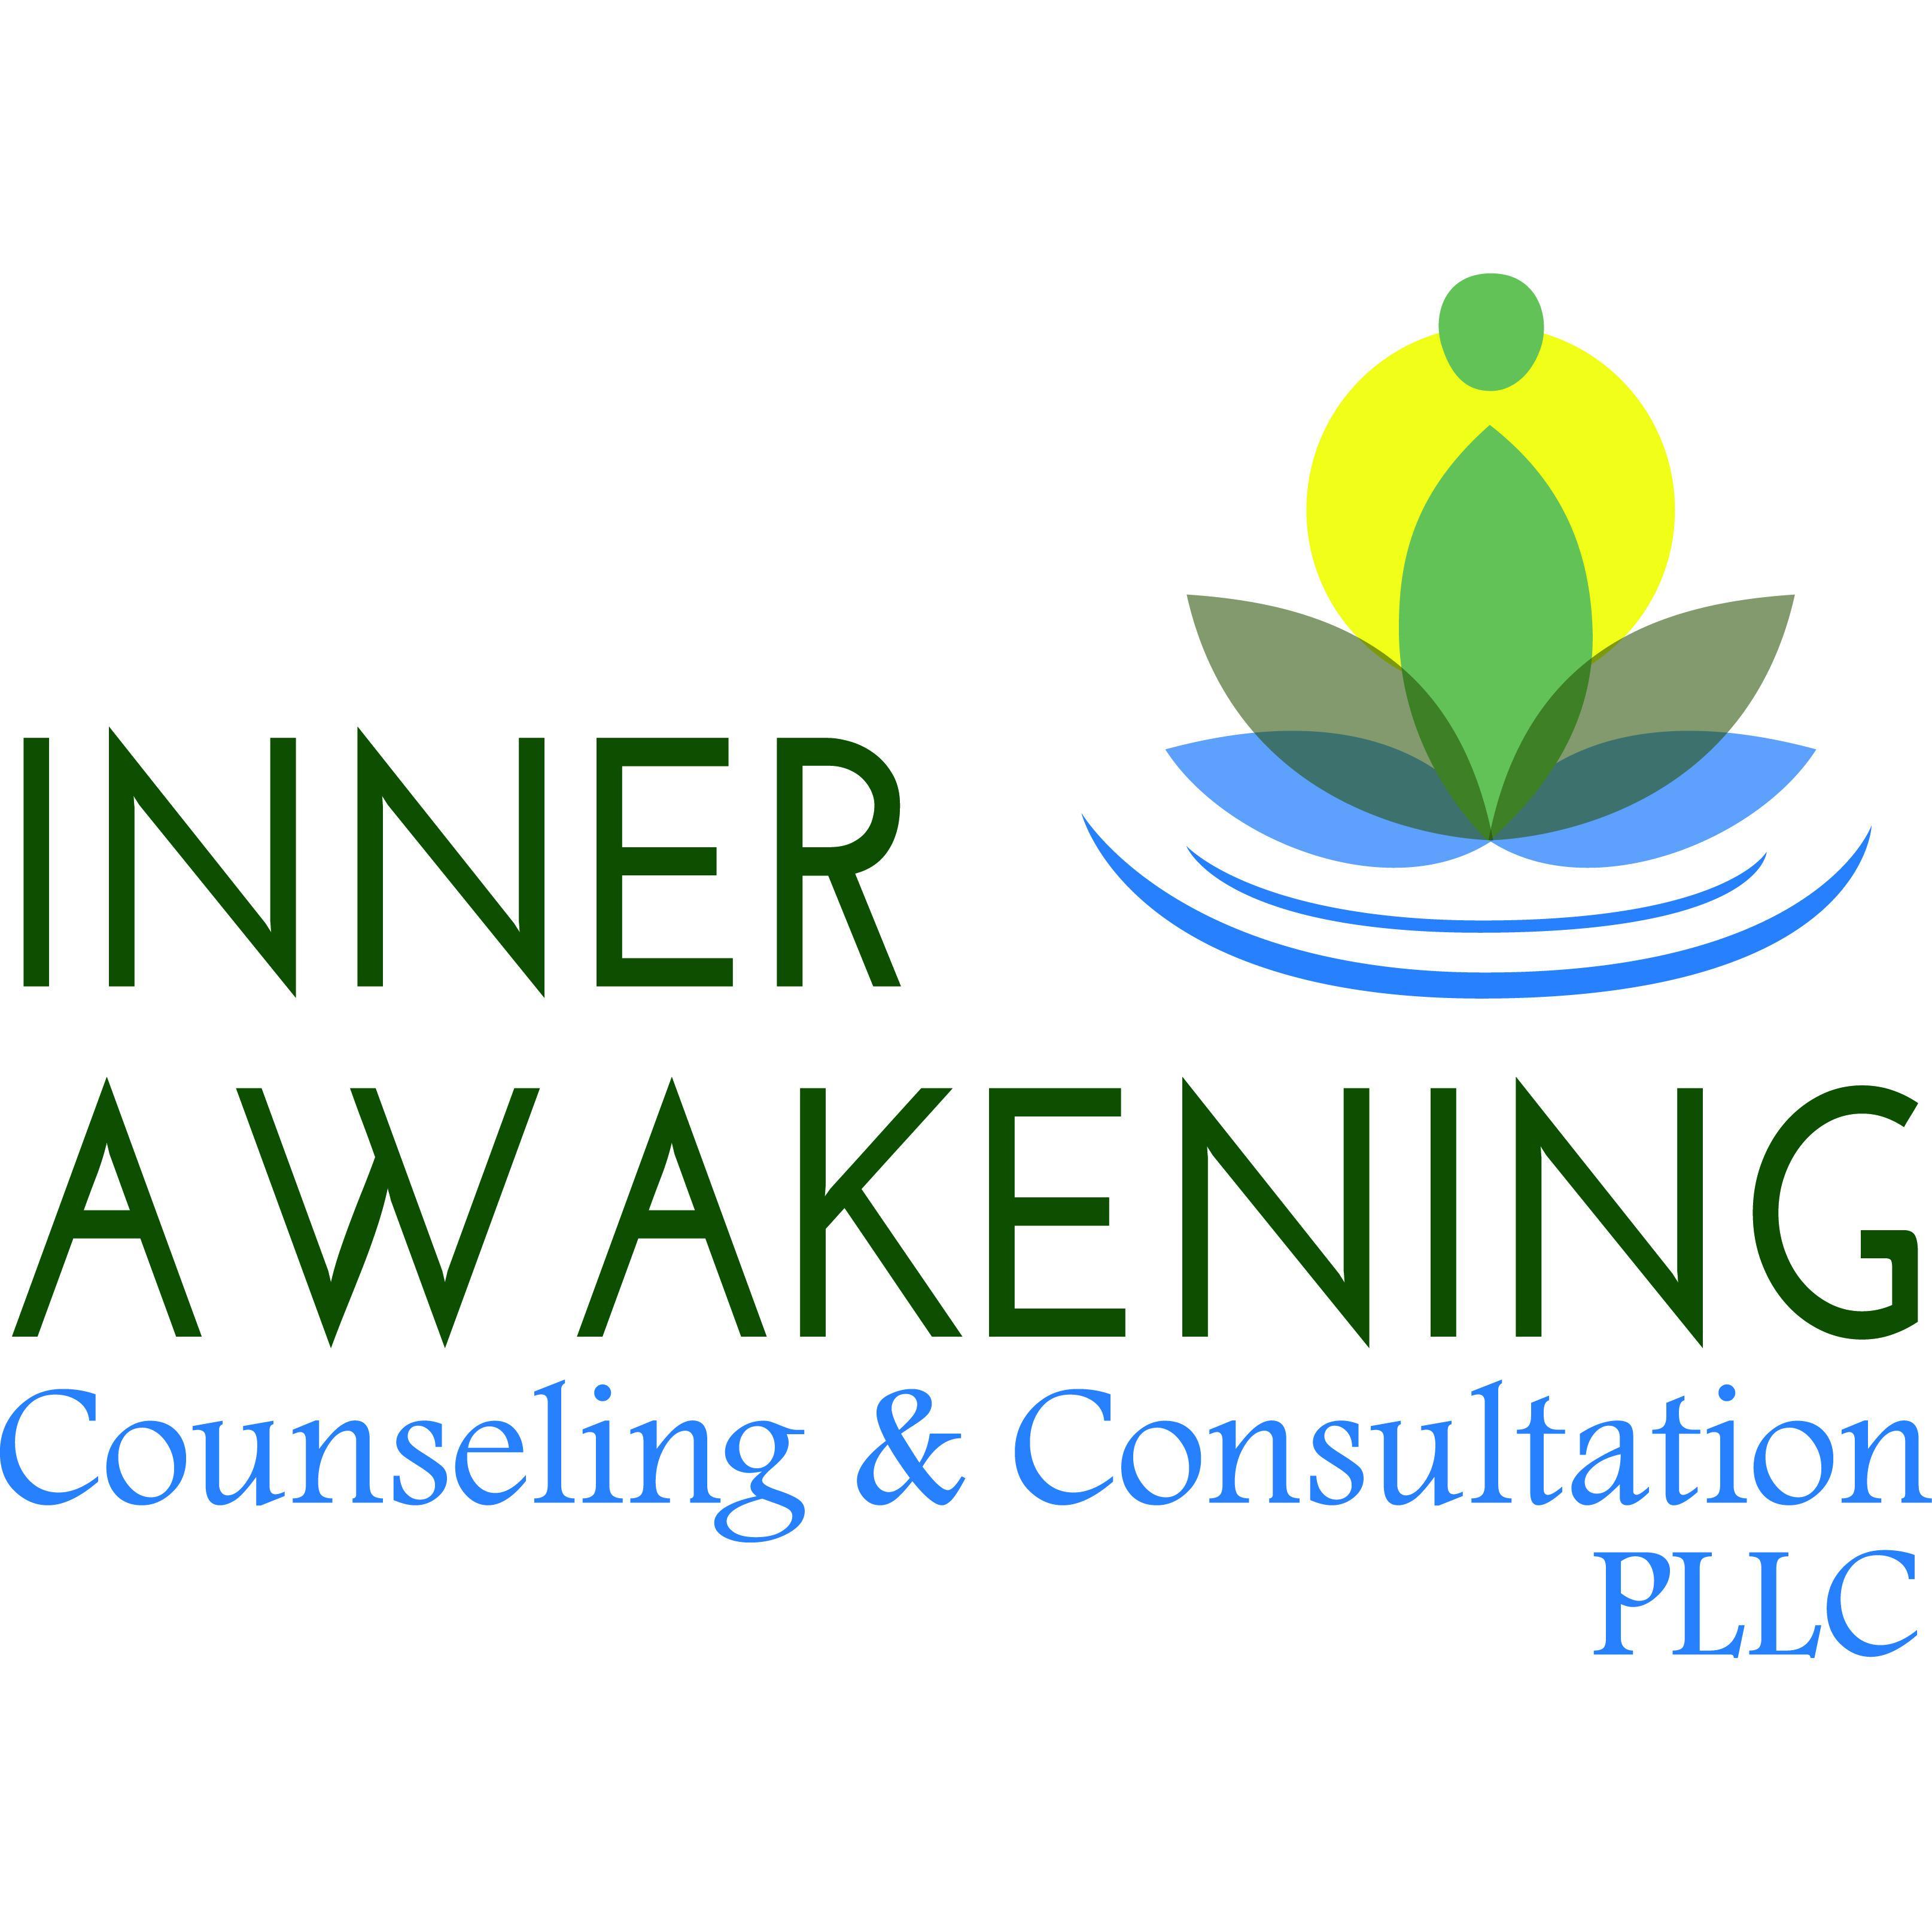 Inner Awakening Counseling & Consultation, PLLC